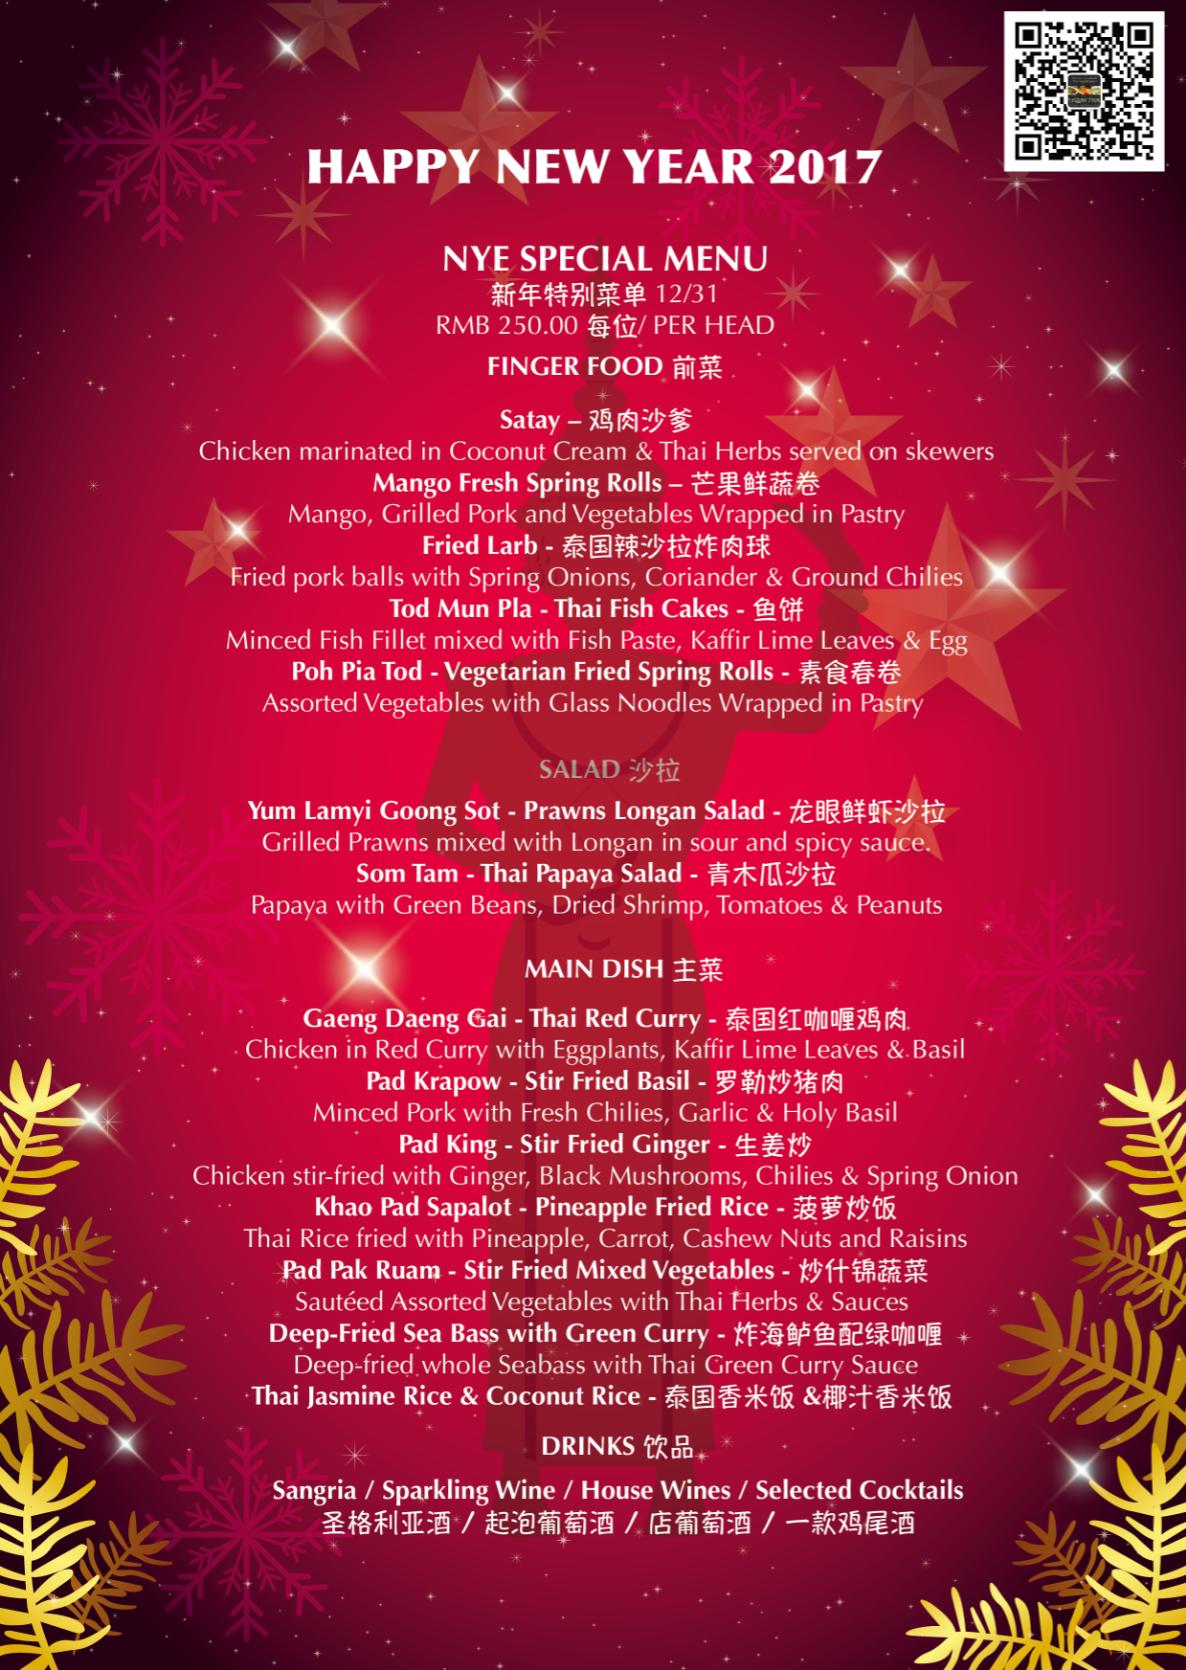 nye-menu-xiao